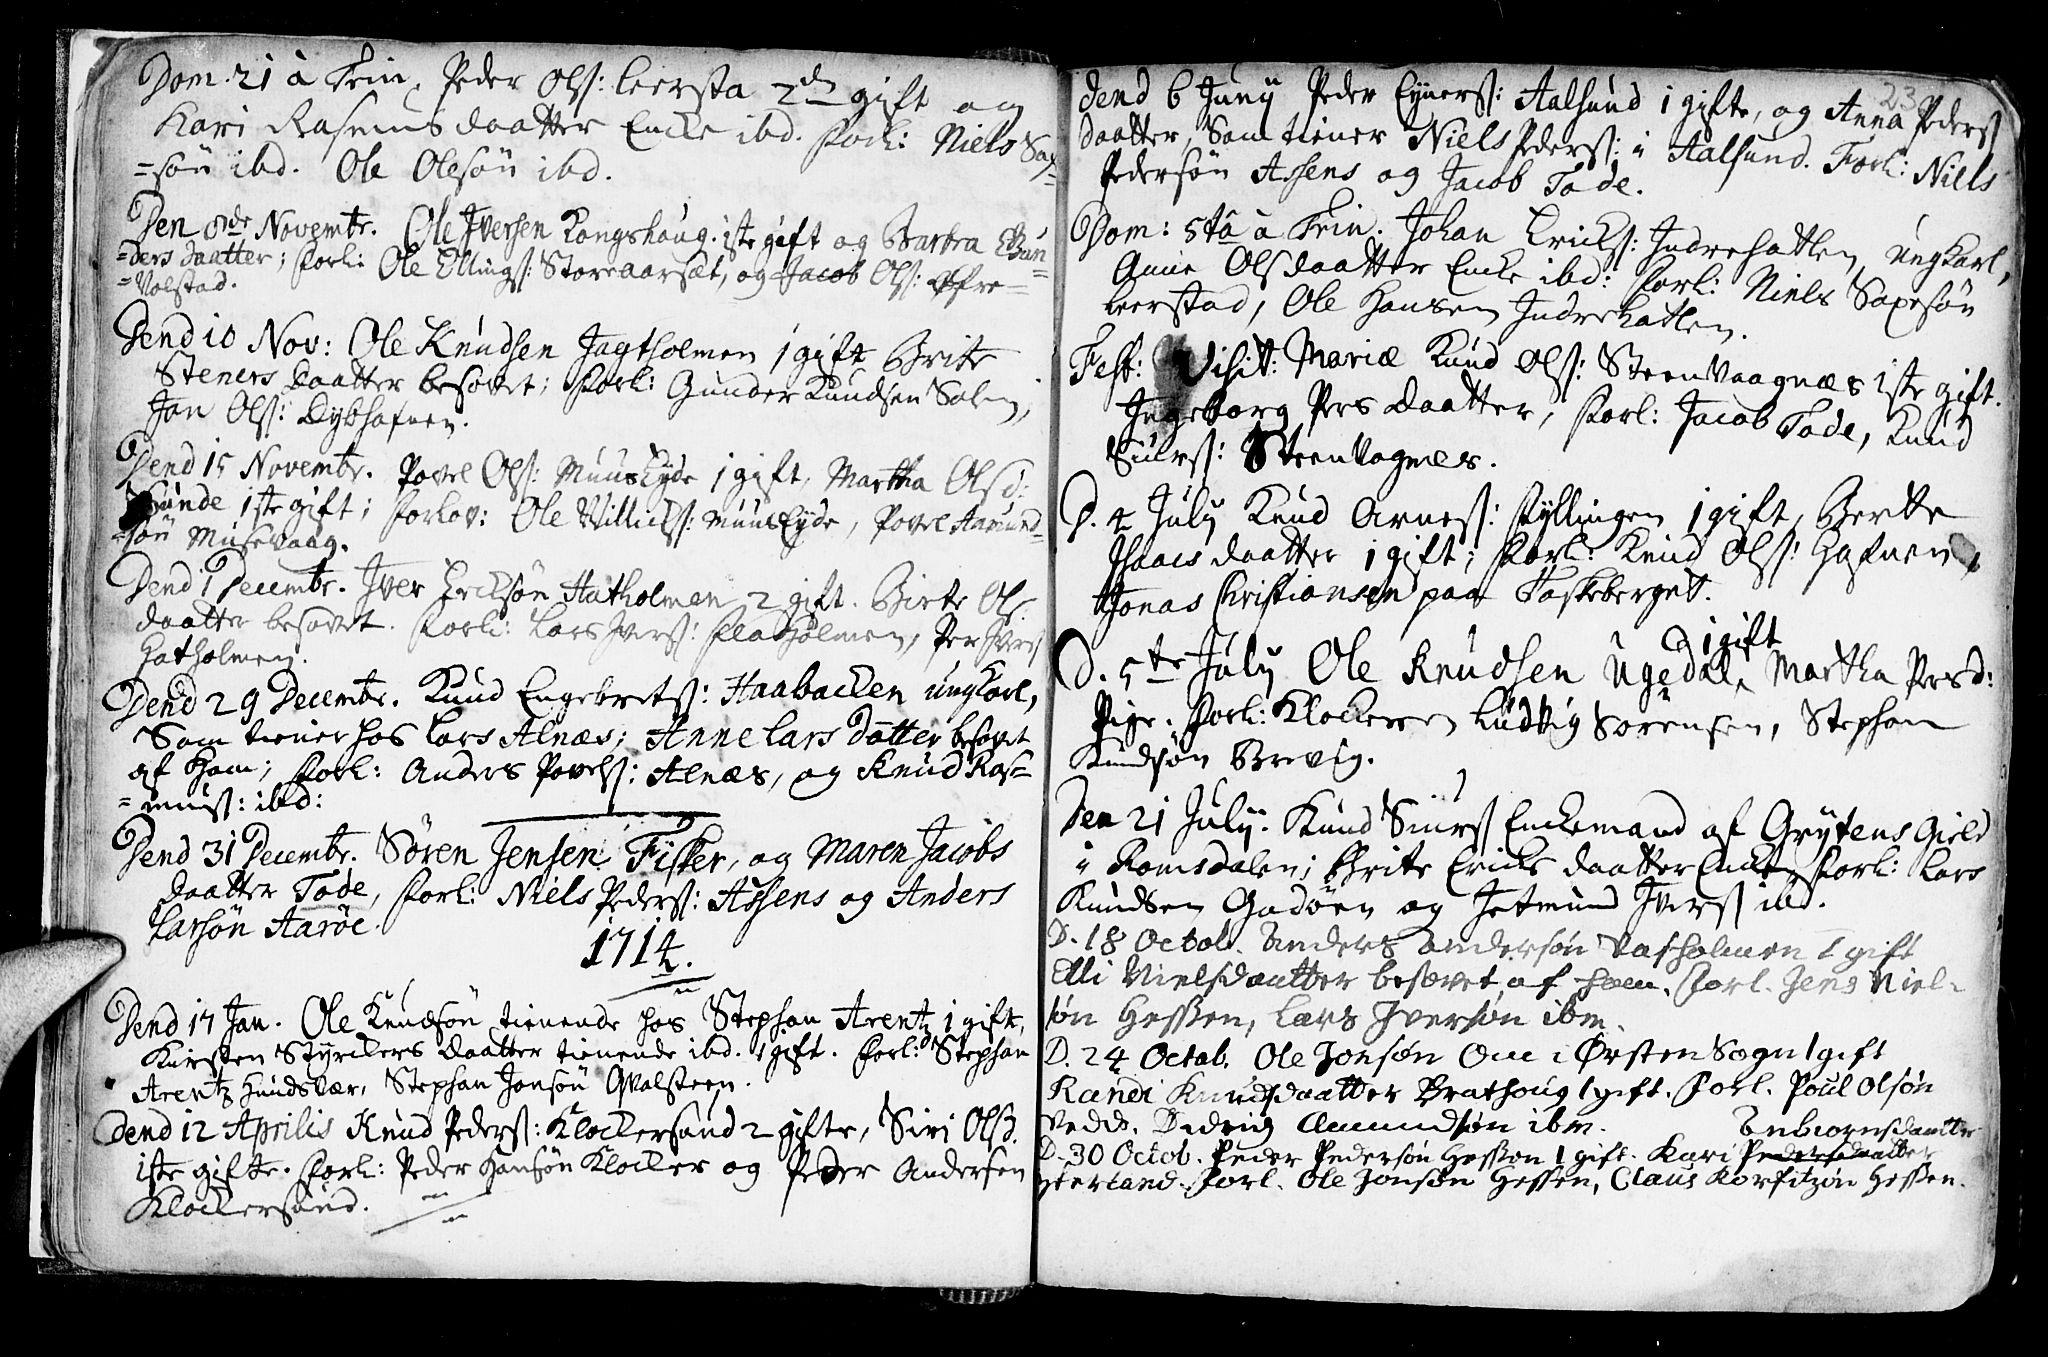 SAT, Ministerialprotokoller, klokkerbøker og fødselsregistre - Møre og Romsdal, 528/L0390: Parish register (official) no. 528A01, 1698-1739, p. 22-23